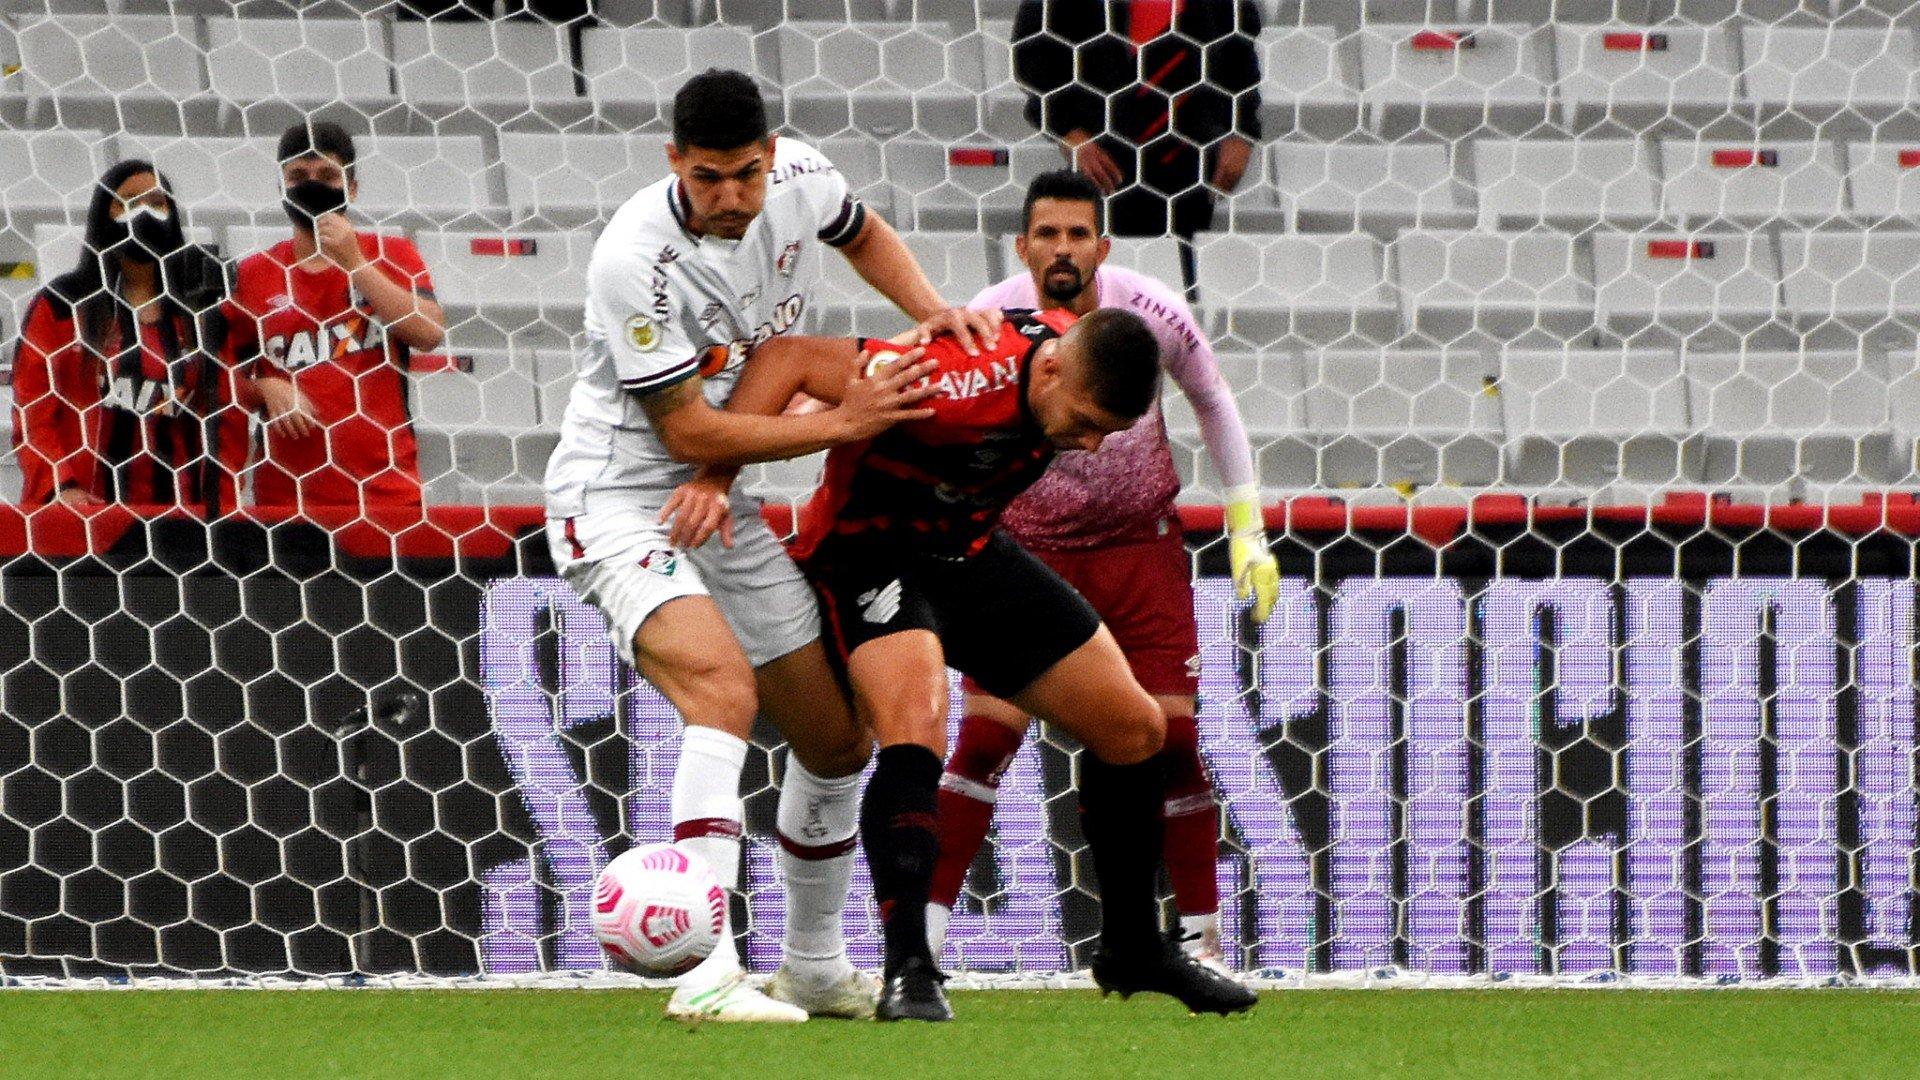 Zagueiro do Fluminense mostra rosto inchado após vitória: 'Três pontos e um galo'